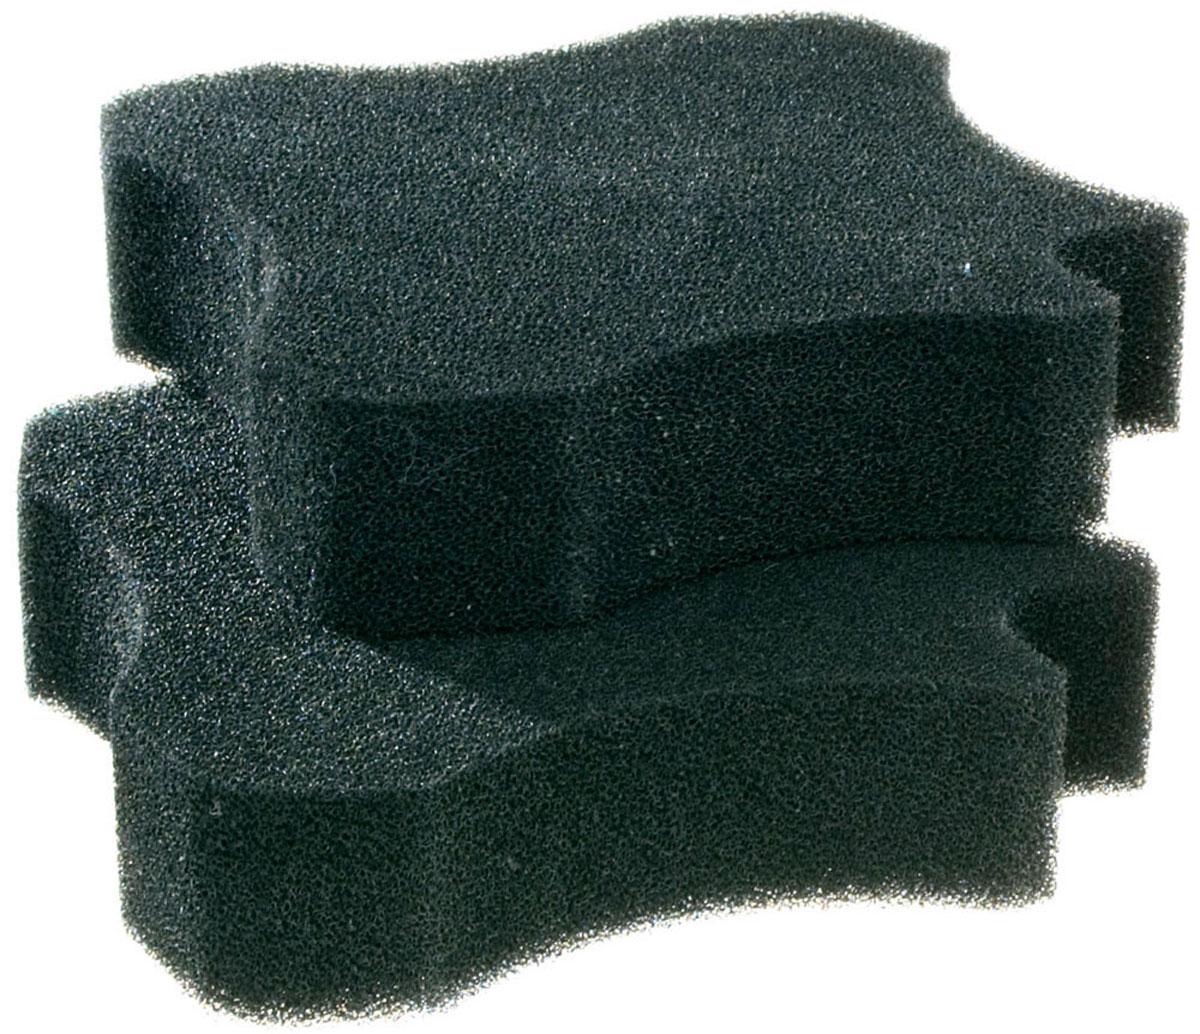 Набор губок карбоновых Bluclear для внешнего фильтра Ferplast BluExtreme 1500 уп. 2 шт (1 шт) набор резиновых уплотнителей для внешних фильтров ferplast bluextreme 700 1100 1 шт